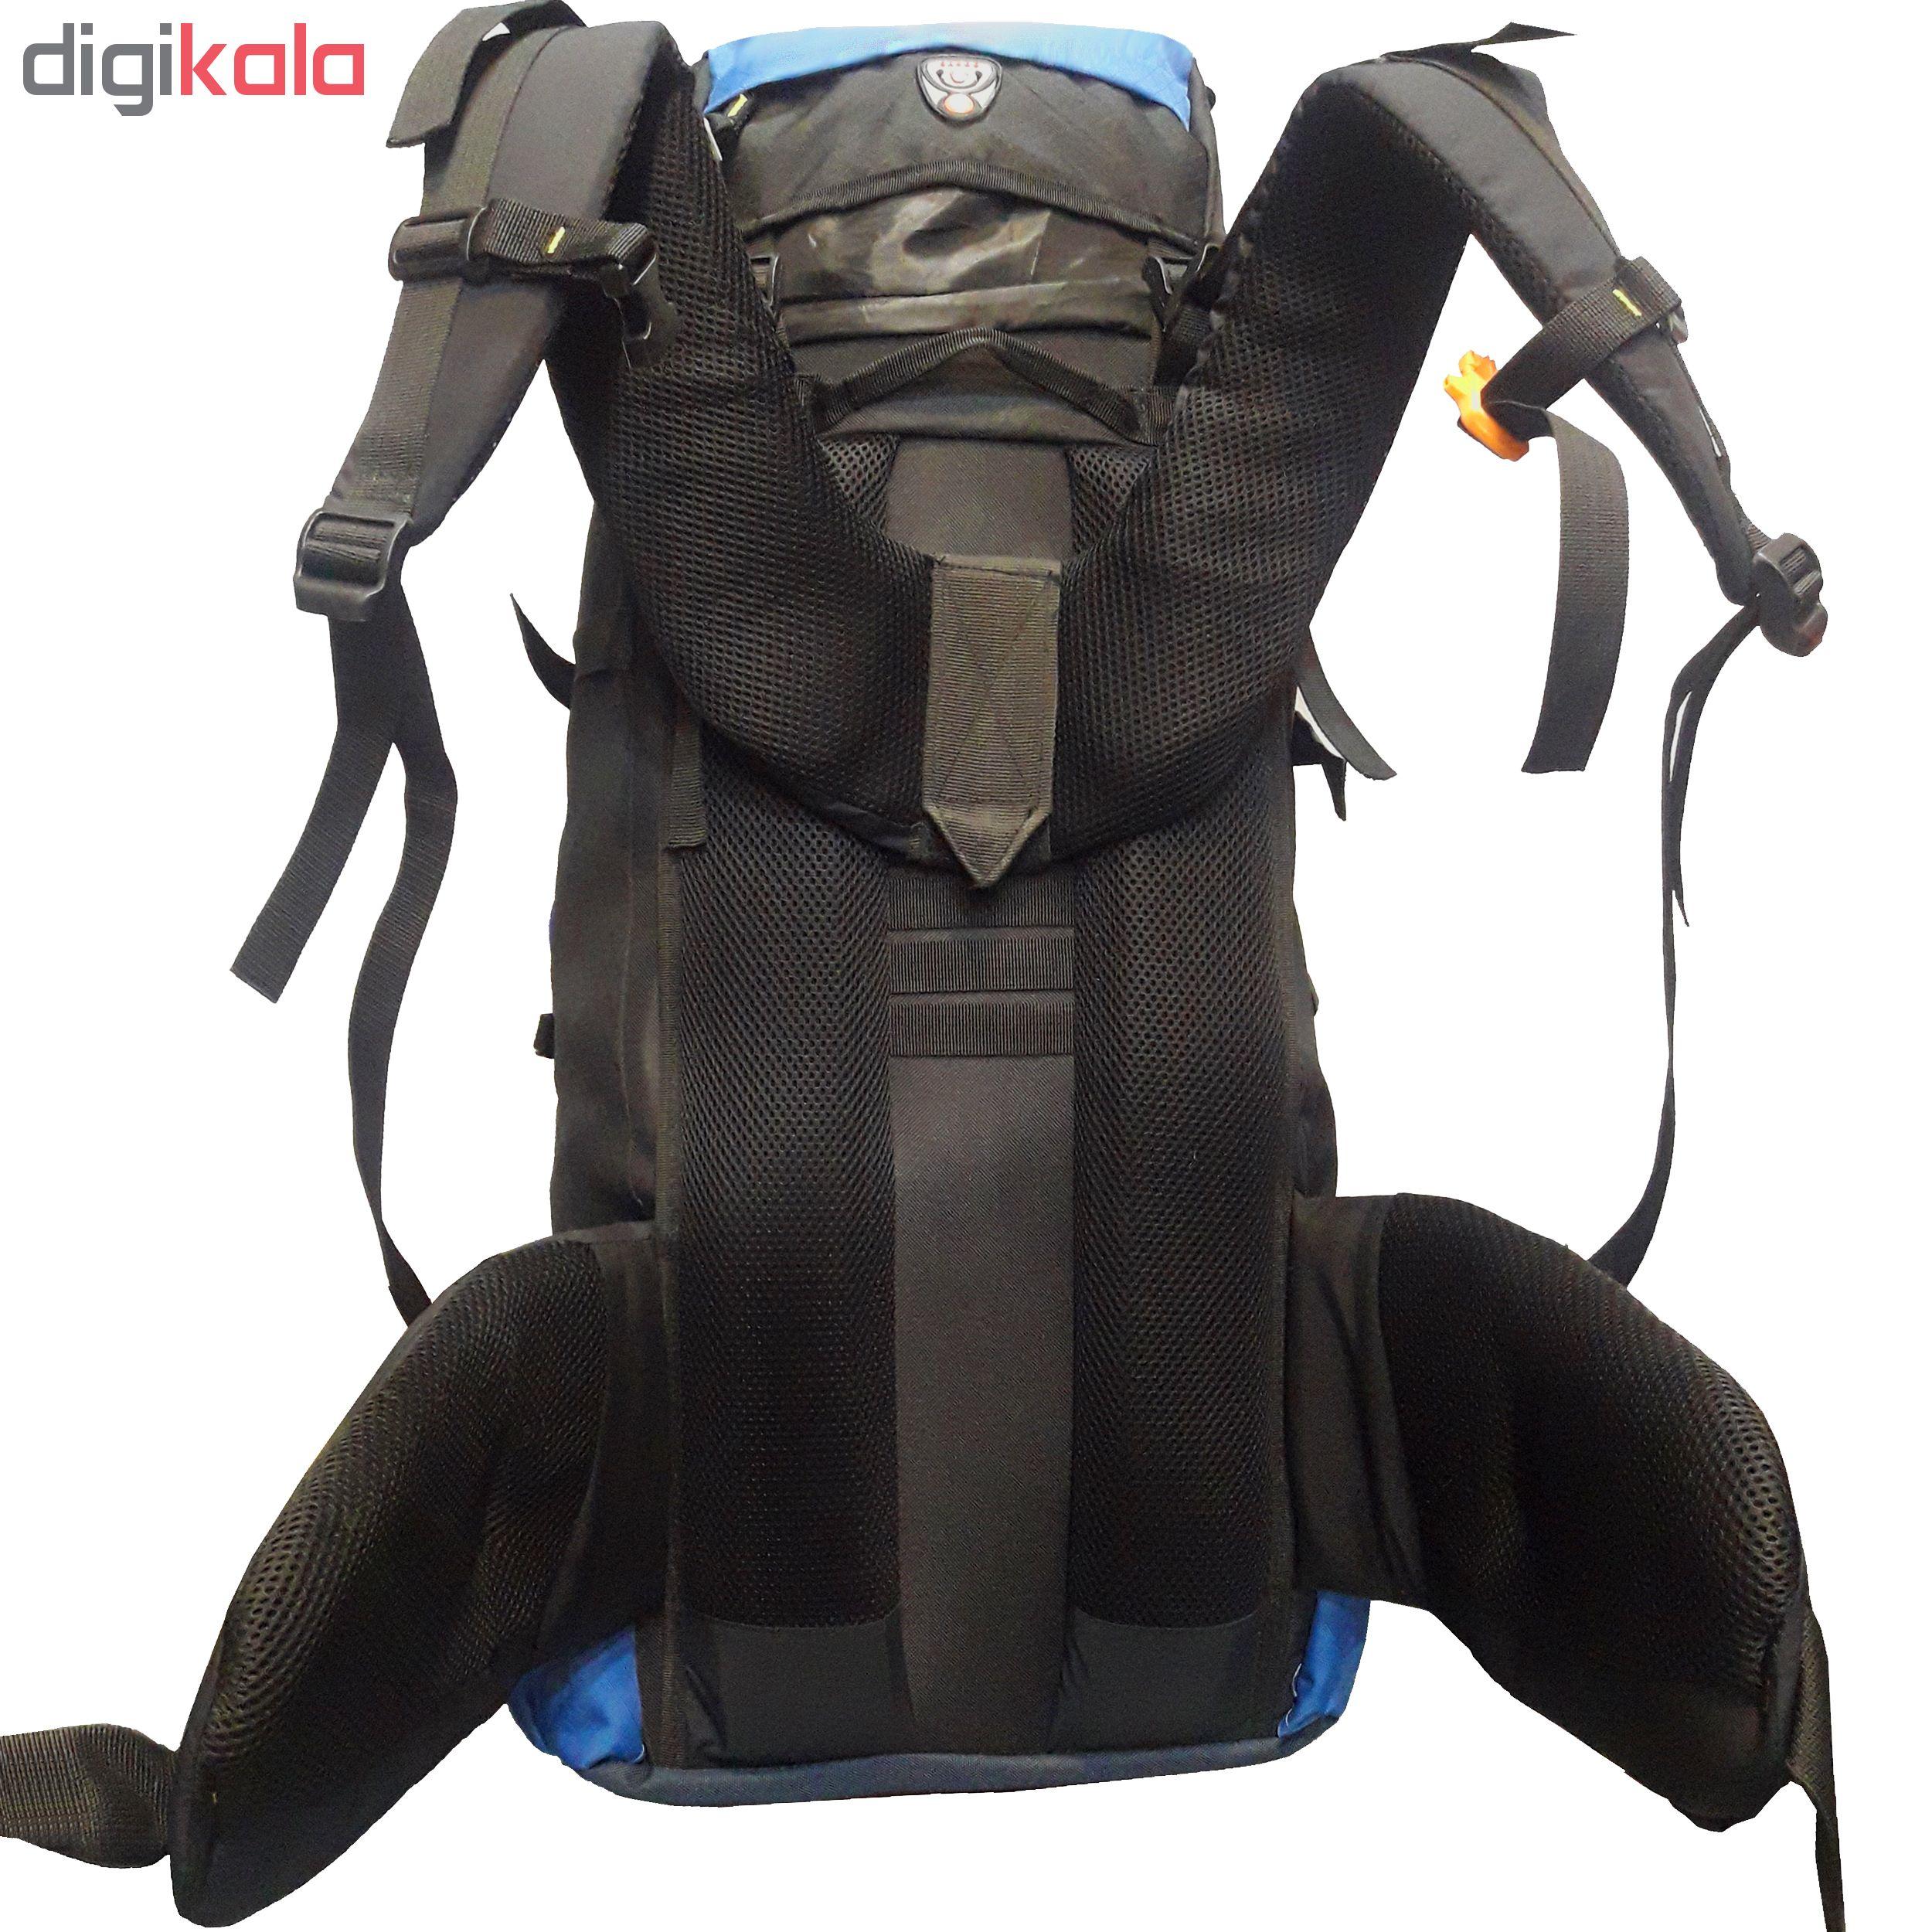 کوله پشتی کوهنوردی 80 لیتری مدل D650 main 1 3